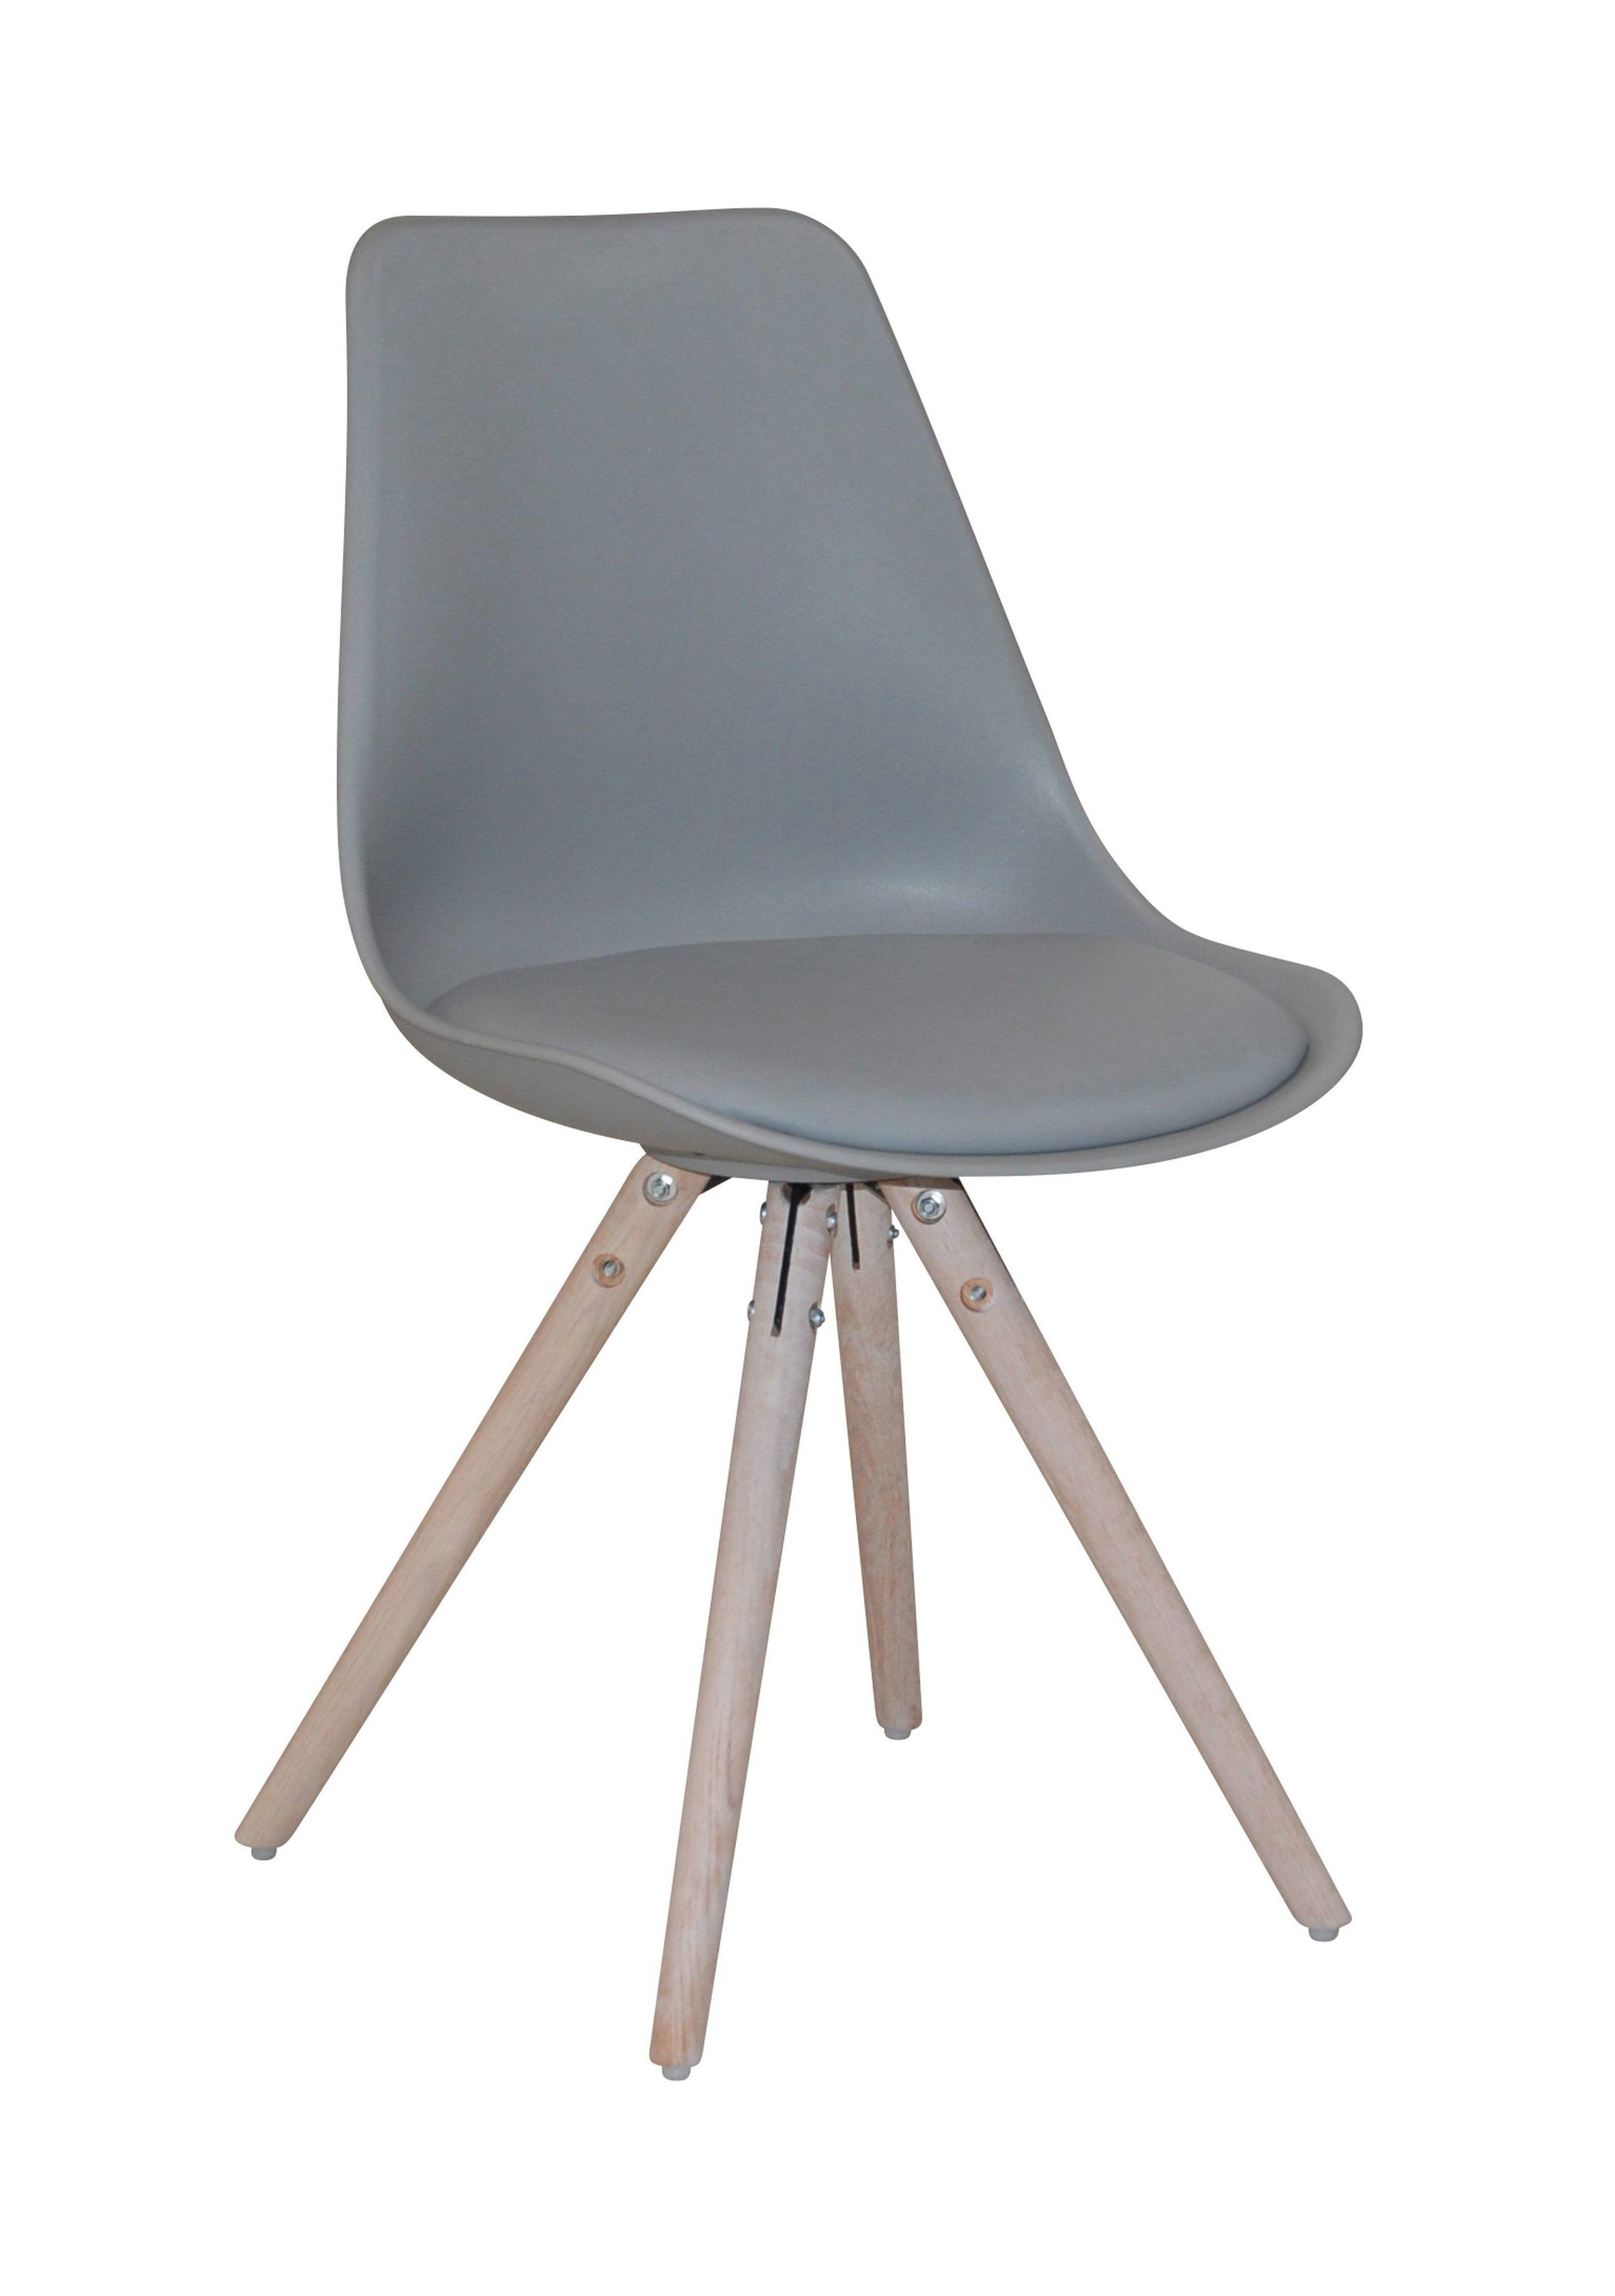 93d30be4d523786dec4cb4a706972206 Incroyable De Table Basse Pliante but Concept